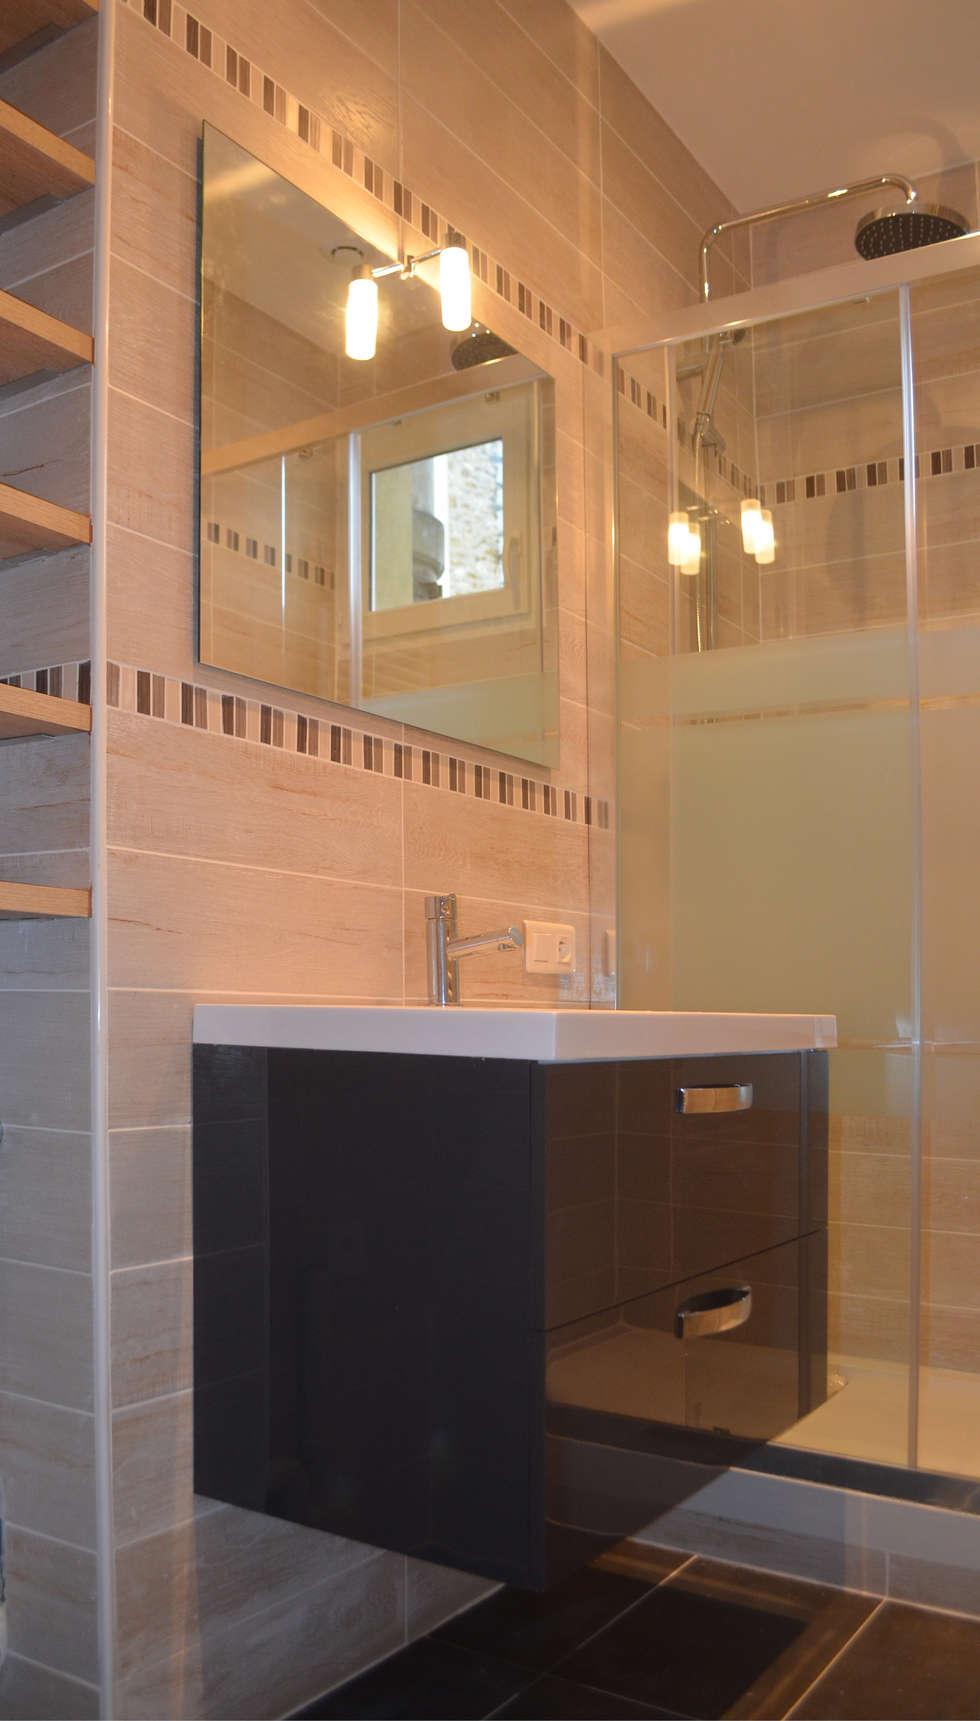 l'esprit natuerelle: Salle de bains de style  par 2 par mètre